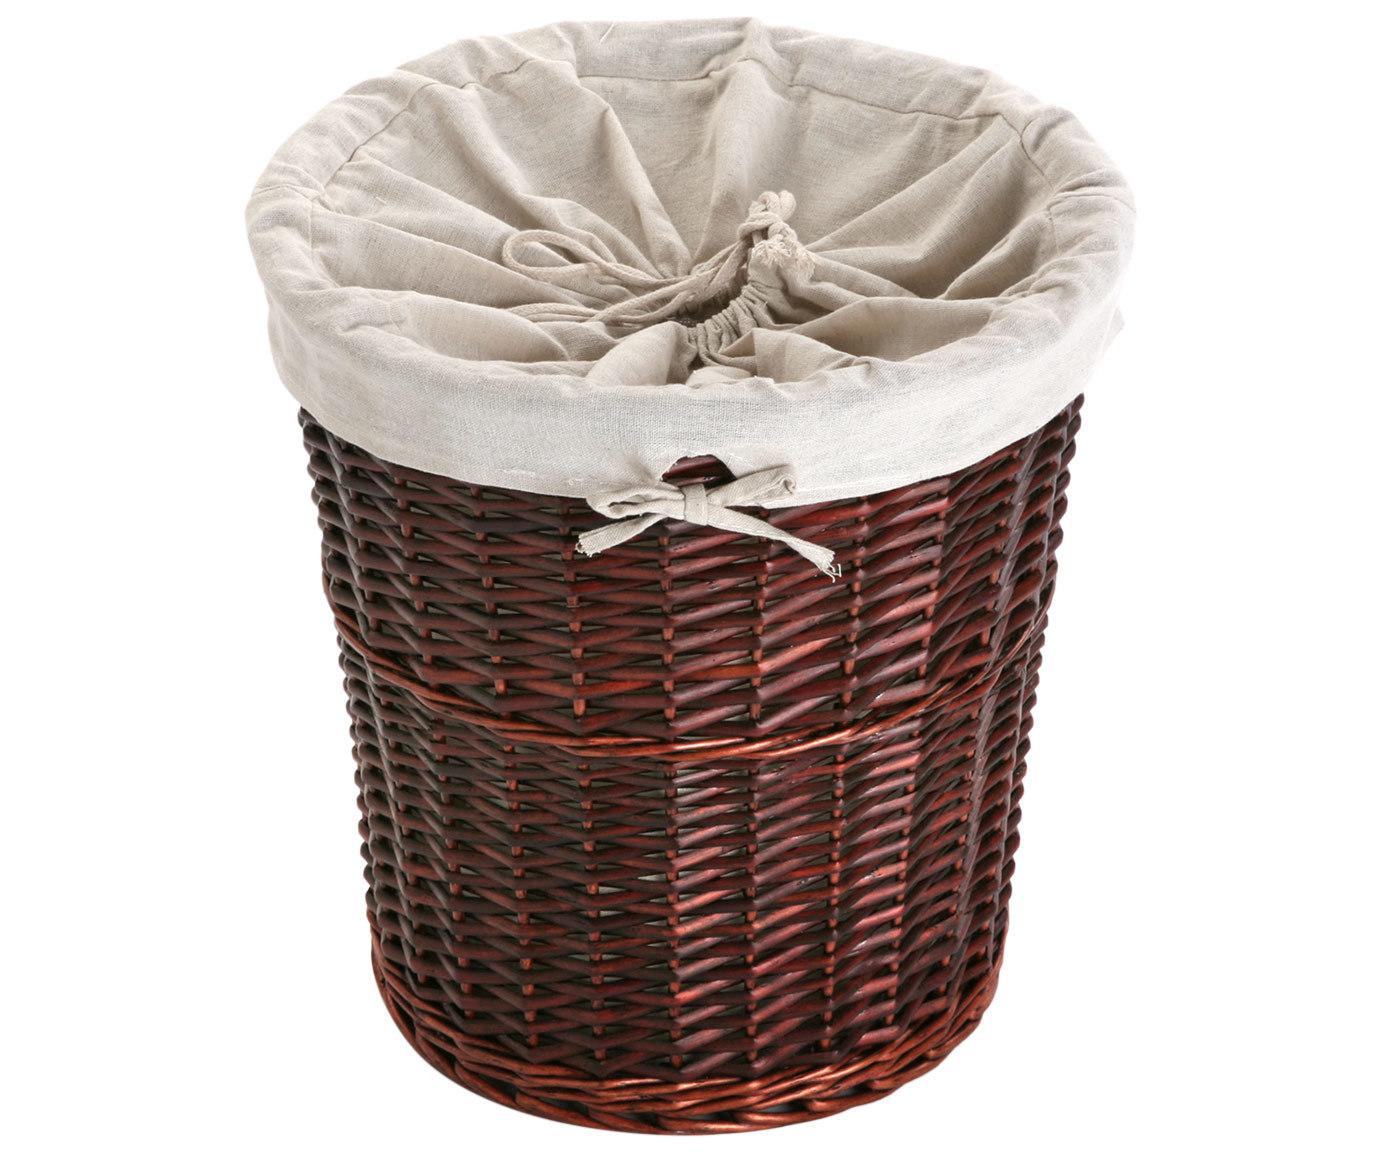 Купить Плетенная корзина для белья коричневого цвета, inmyroom, Китай